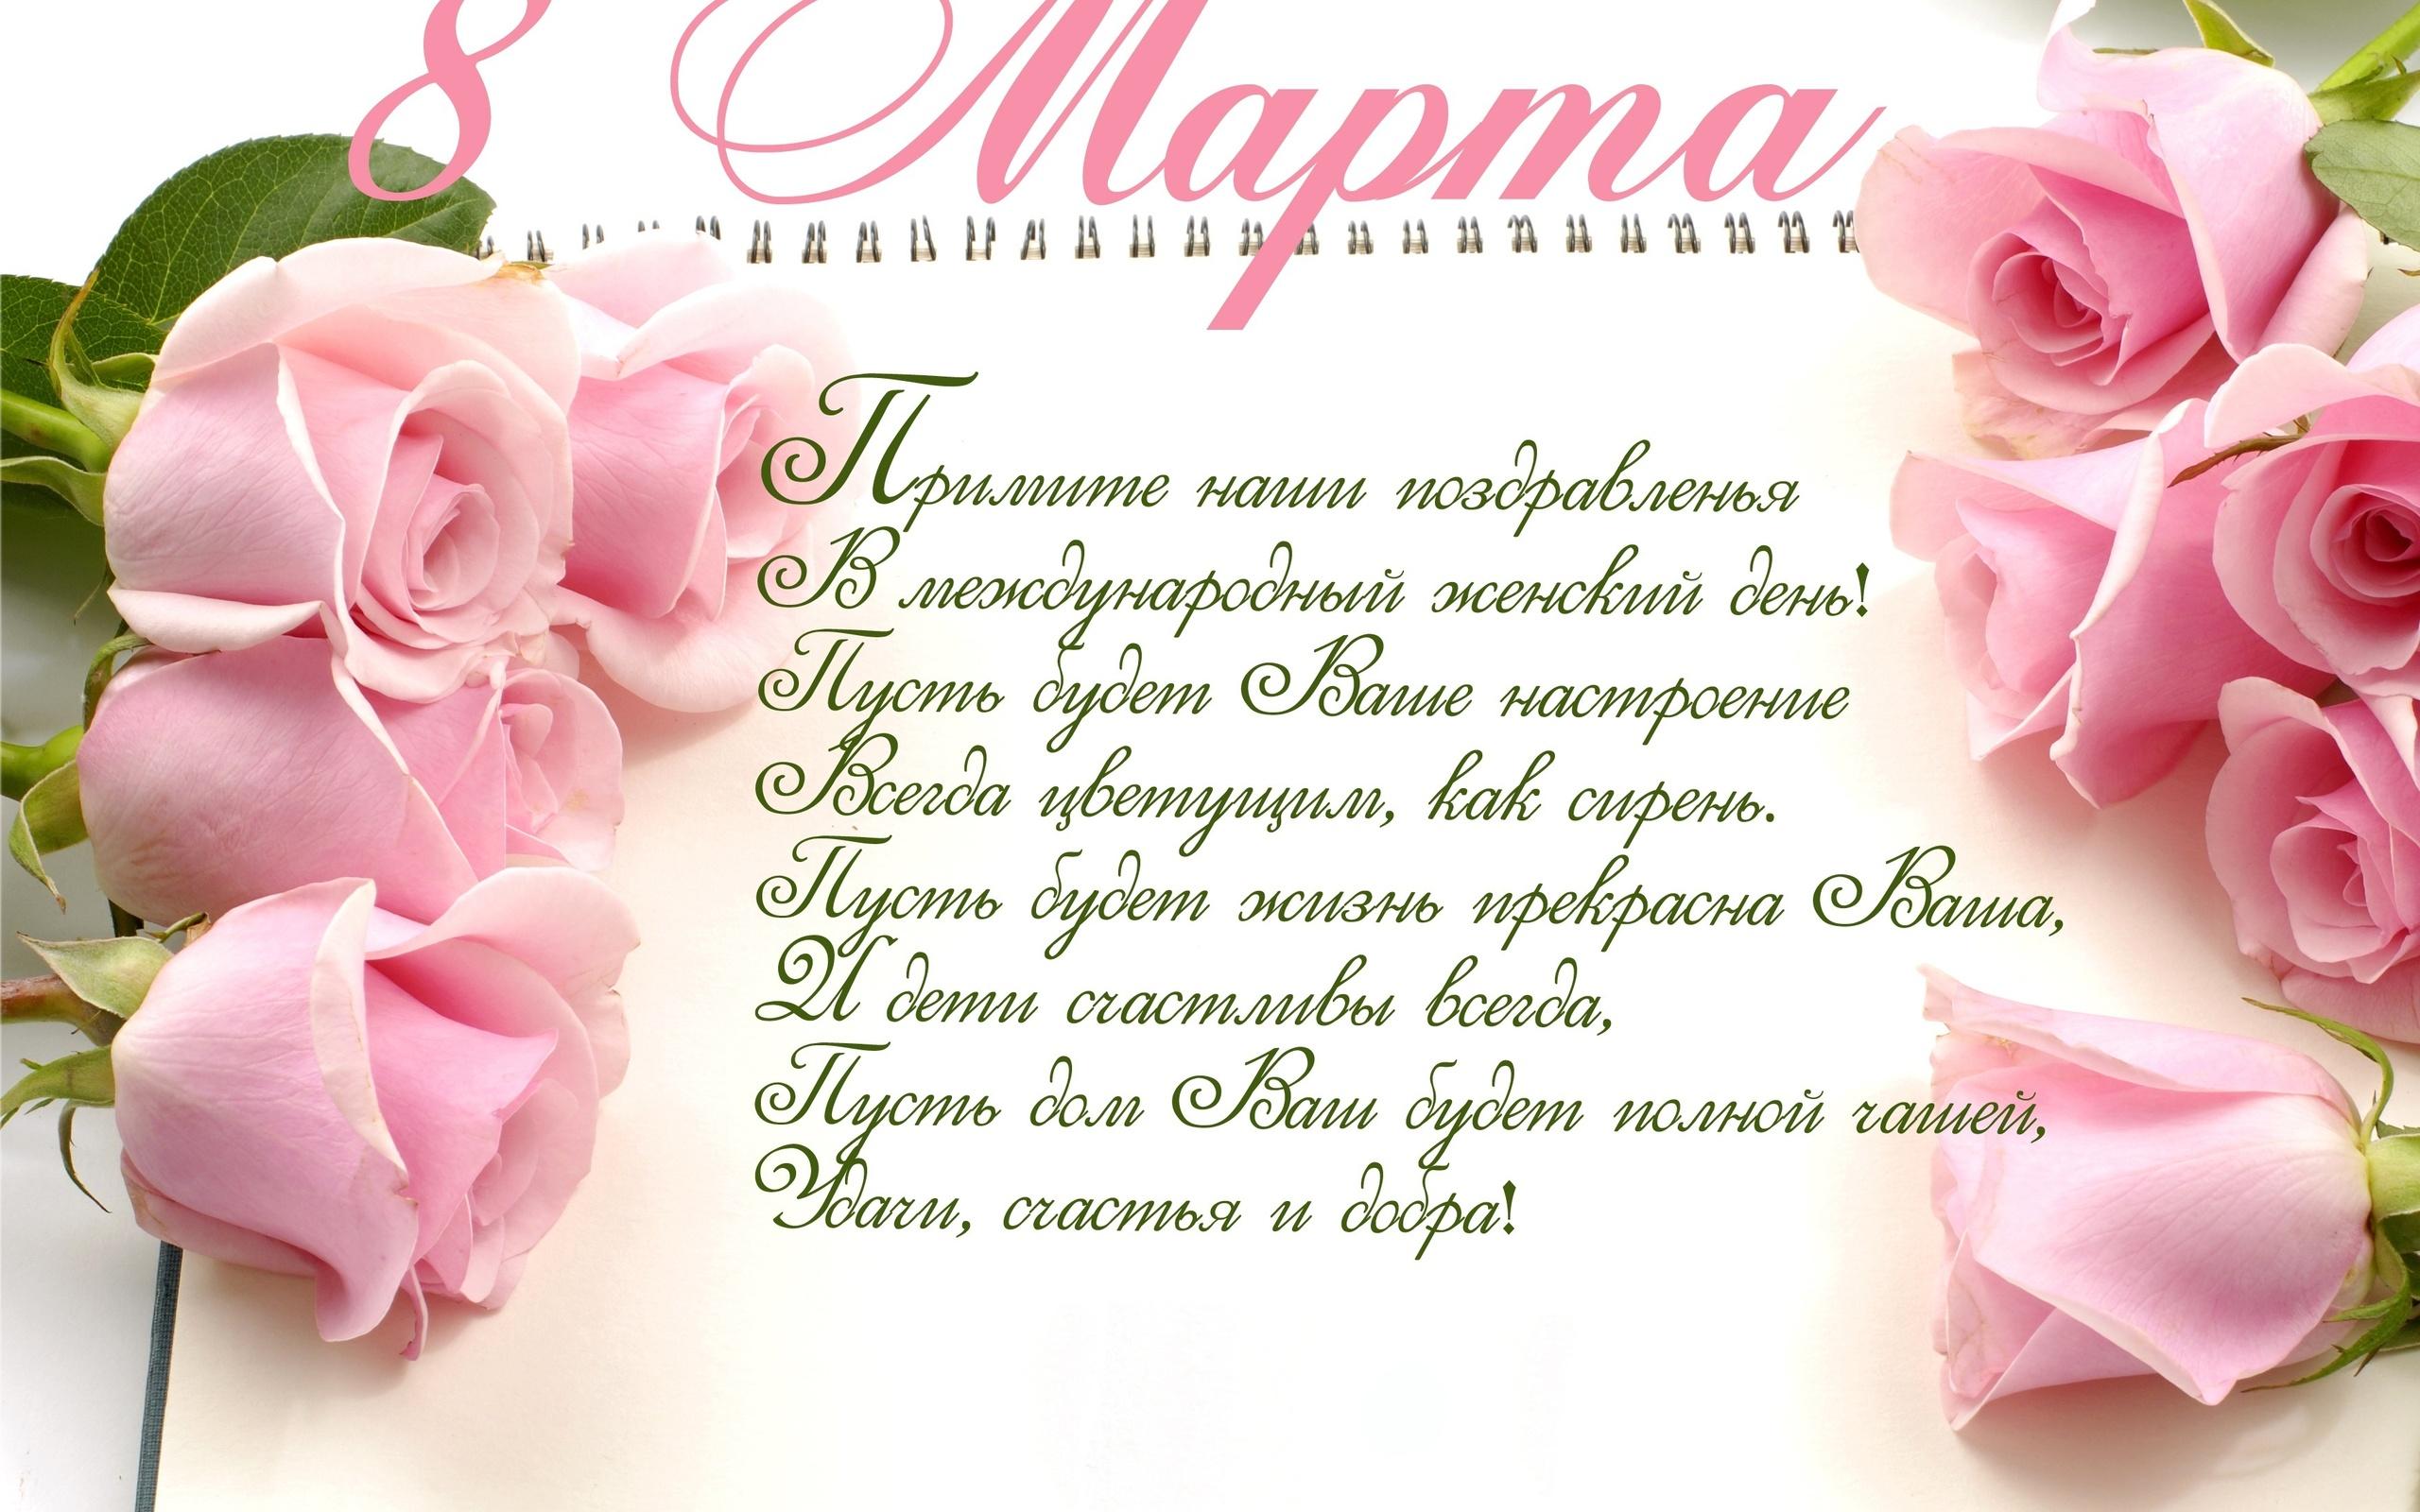 Поздравления 8 марта картинки красивые